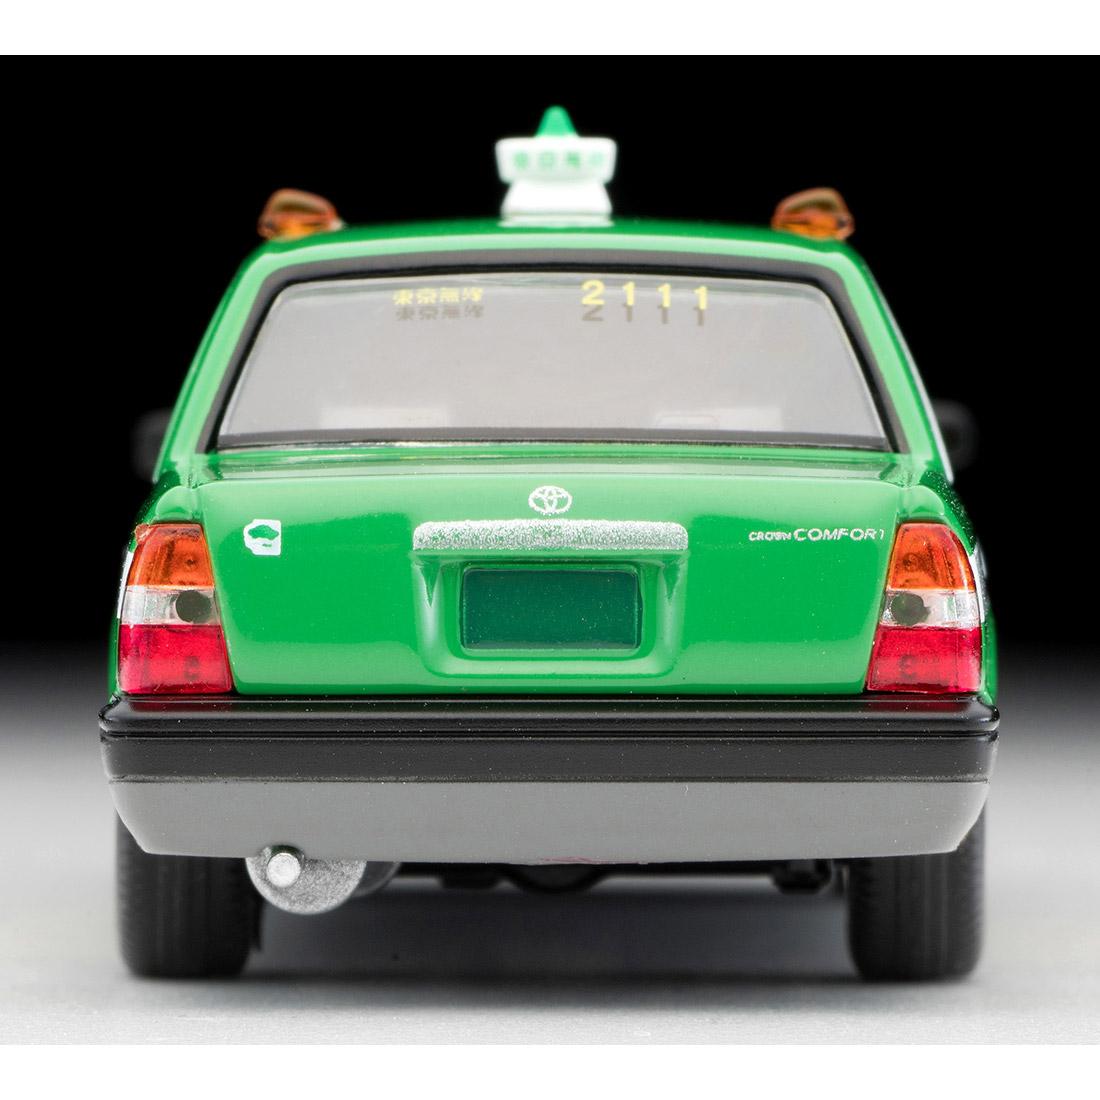 トミカリミテッド ヴィンテージ ネオ TLV-NEO『LV-N218a トヨタ クラウンコンフォート 東京無線タクシー(緑)』1/64 ミニカー-004